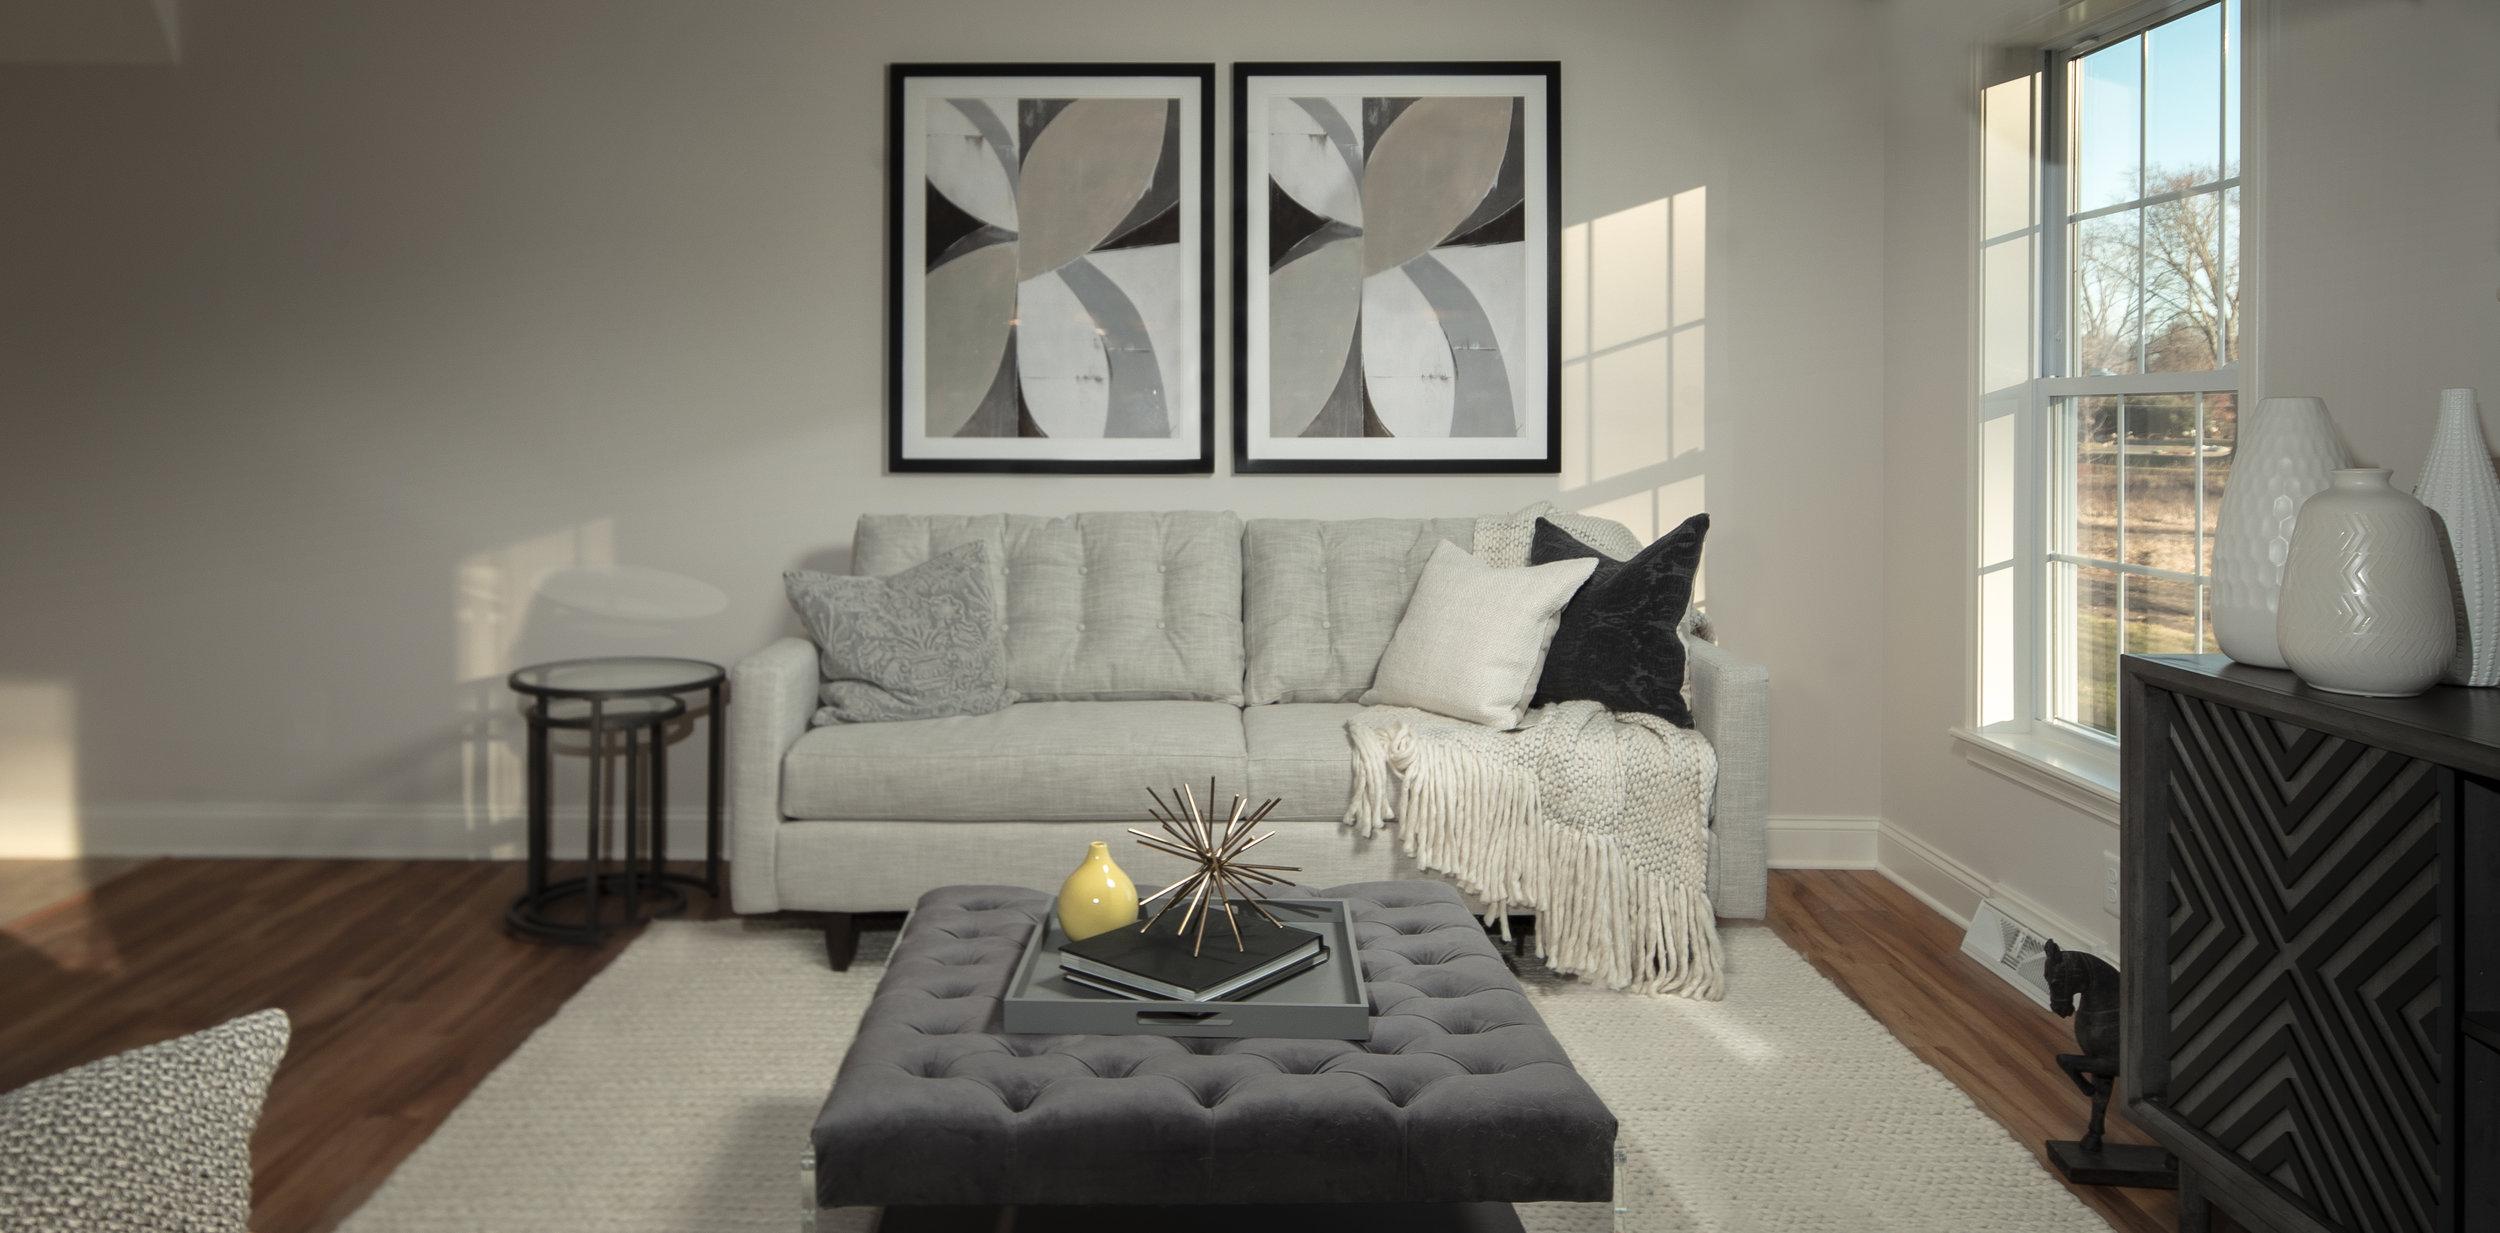 Livingroom_2_95I9553.jpg